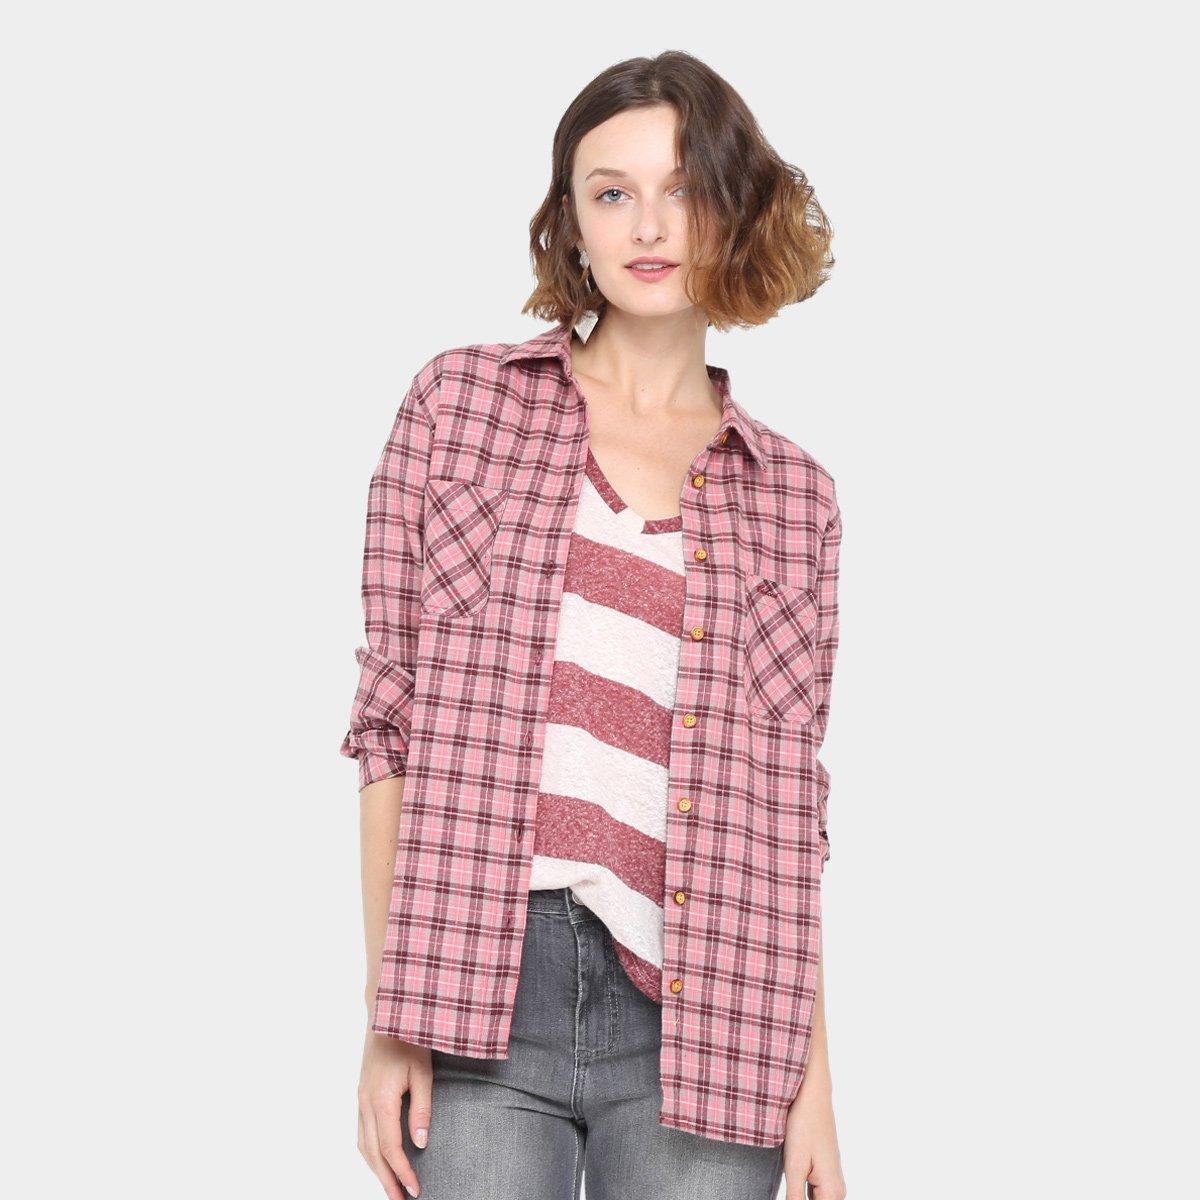 Camisa Xadrez Colcci Bord Feminina - Compre Agora  6b622a0c92ce5